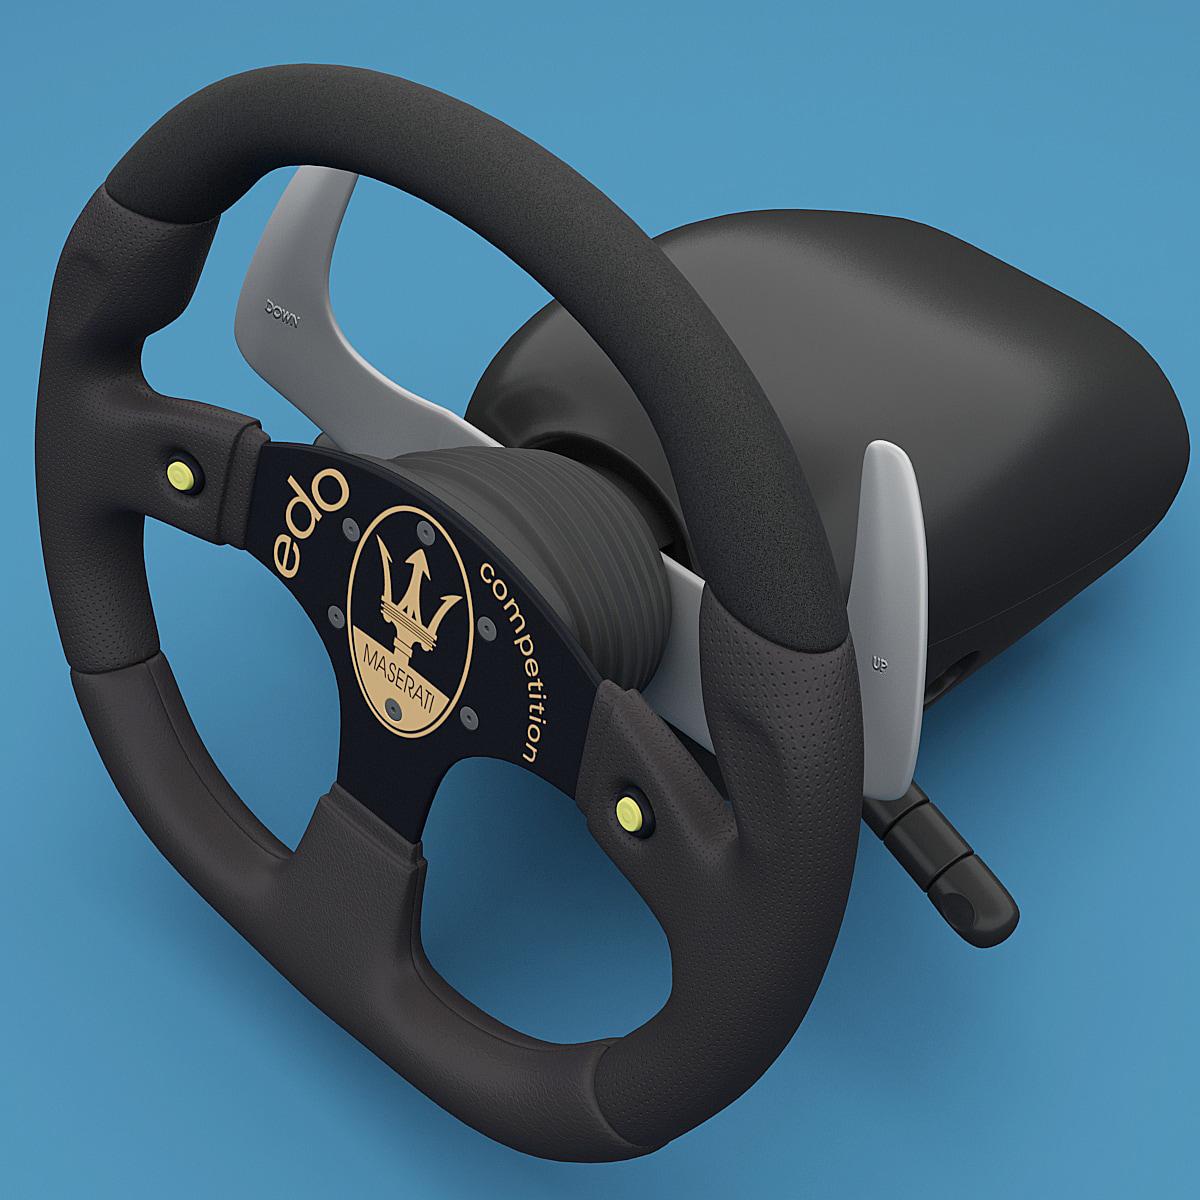 Maserati_Wheel_V2_Vray_1.jpg